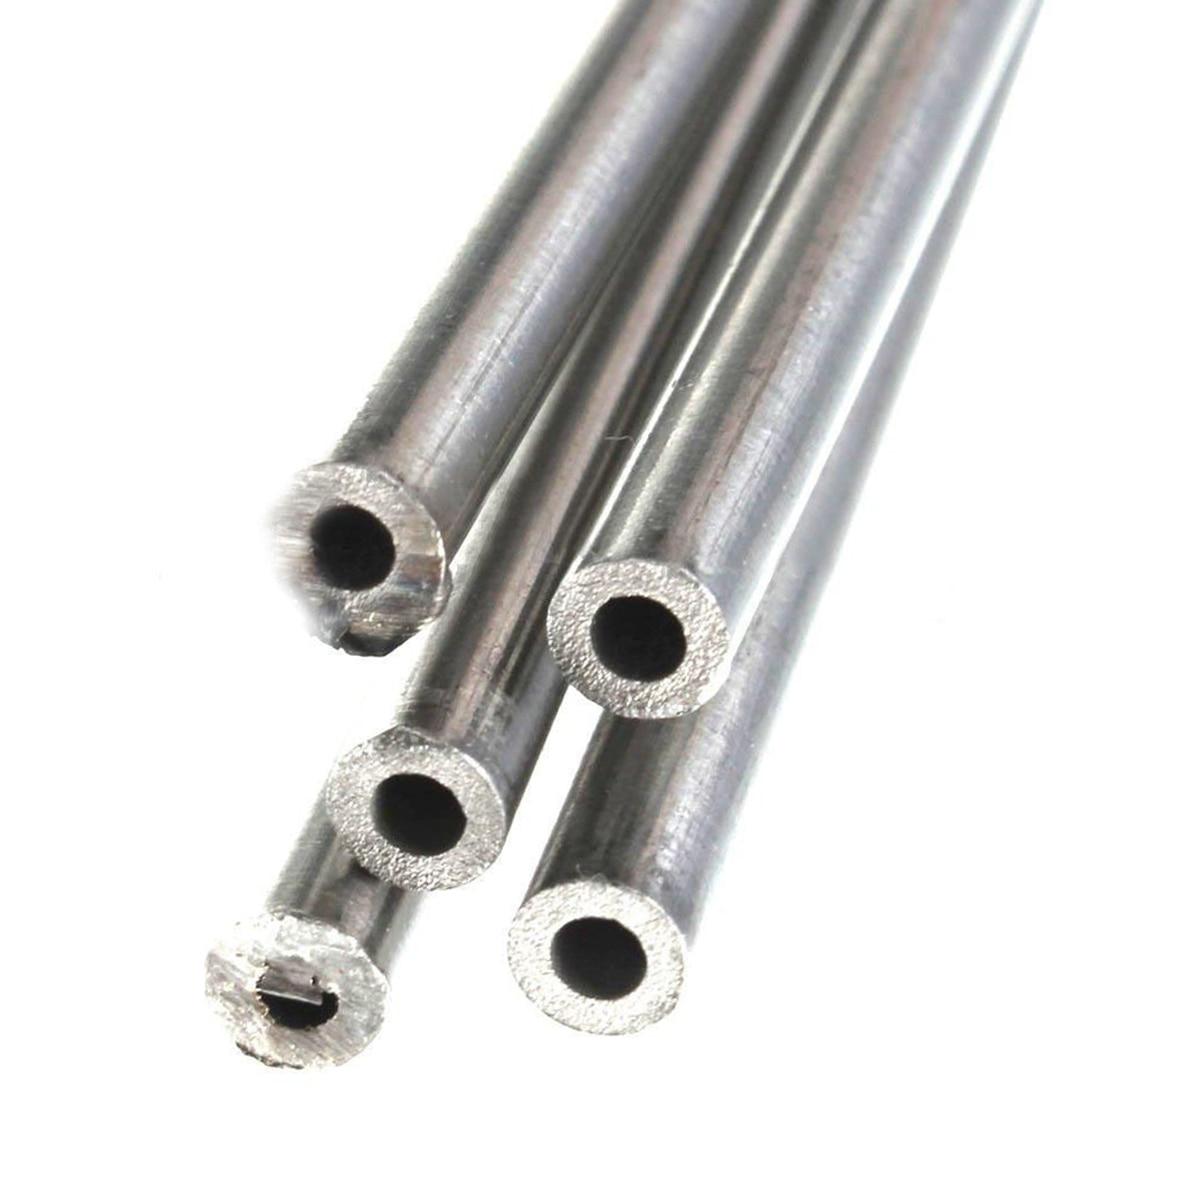 4mm Outside Diameter x 3mm Inside Diameter 500mm Copper Round Tube Pipe